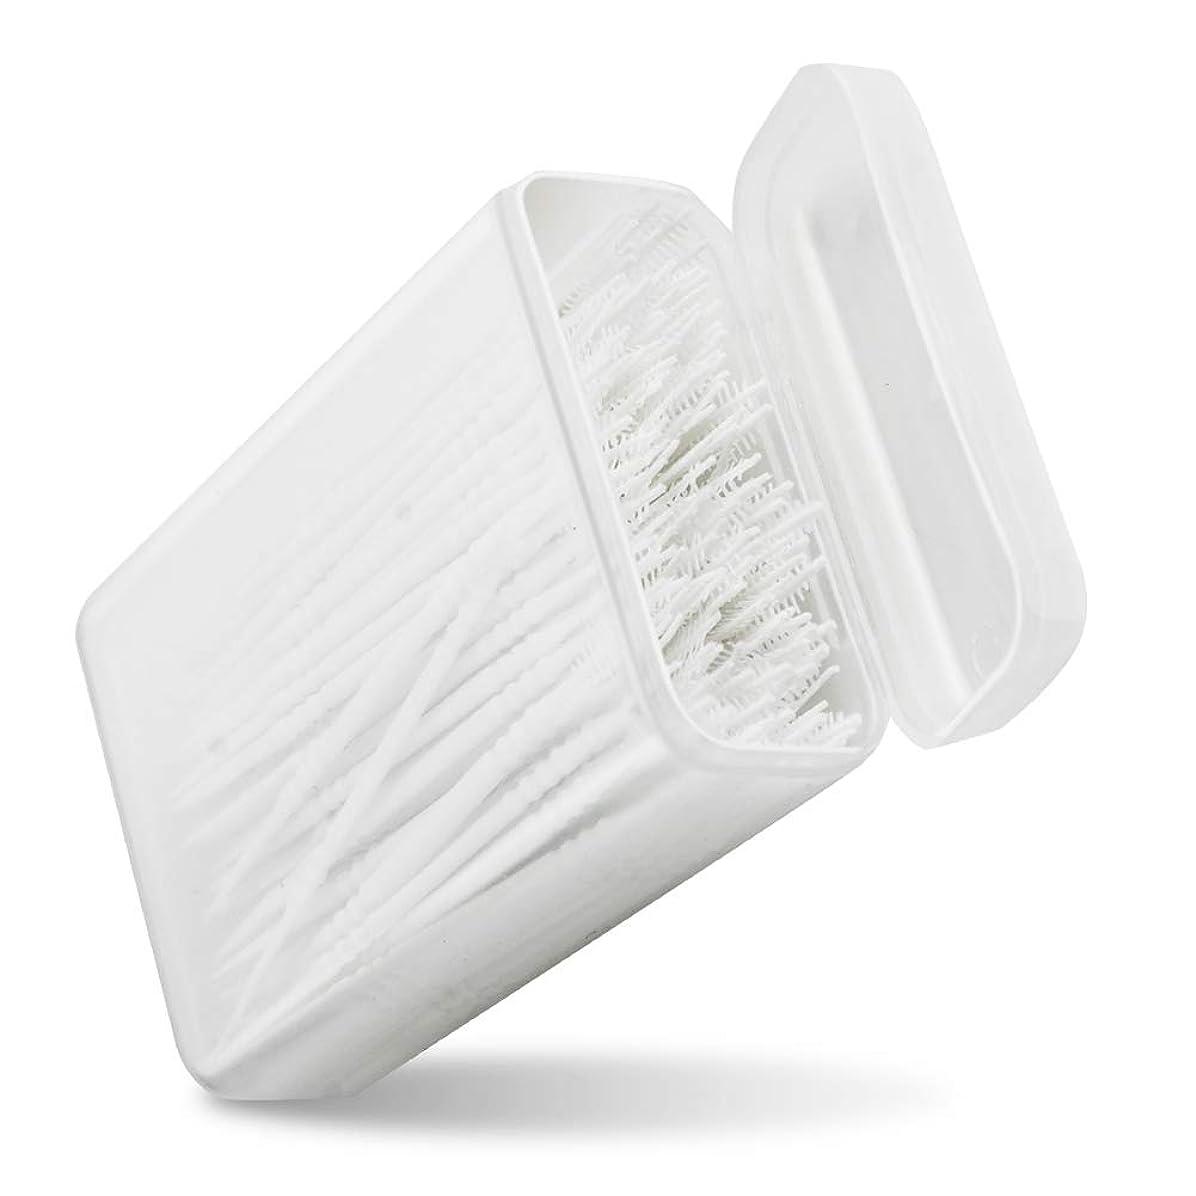 柔らかさアレルギー性プログレッシブPerPure 歯間ピック 150本入り 2way 極細ブラシ ポータブル ケース付き 白い